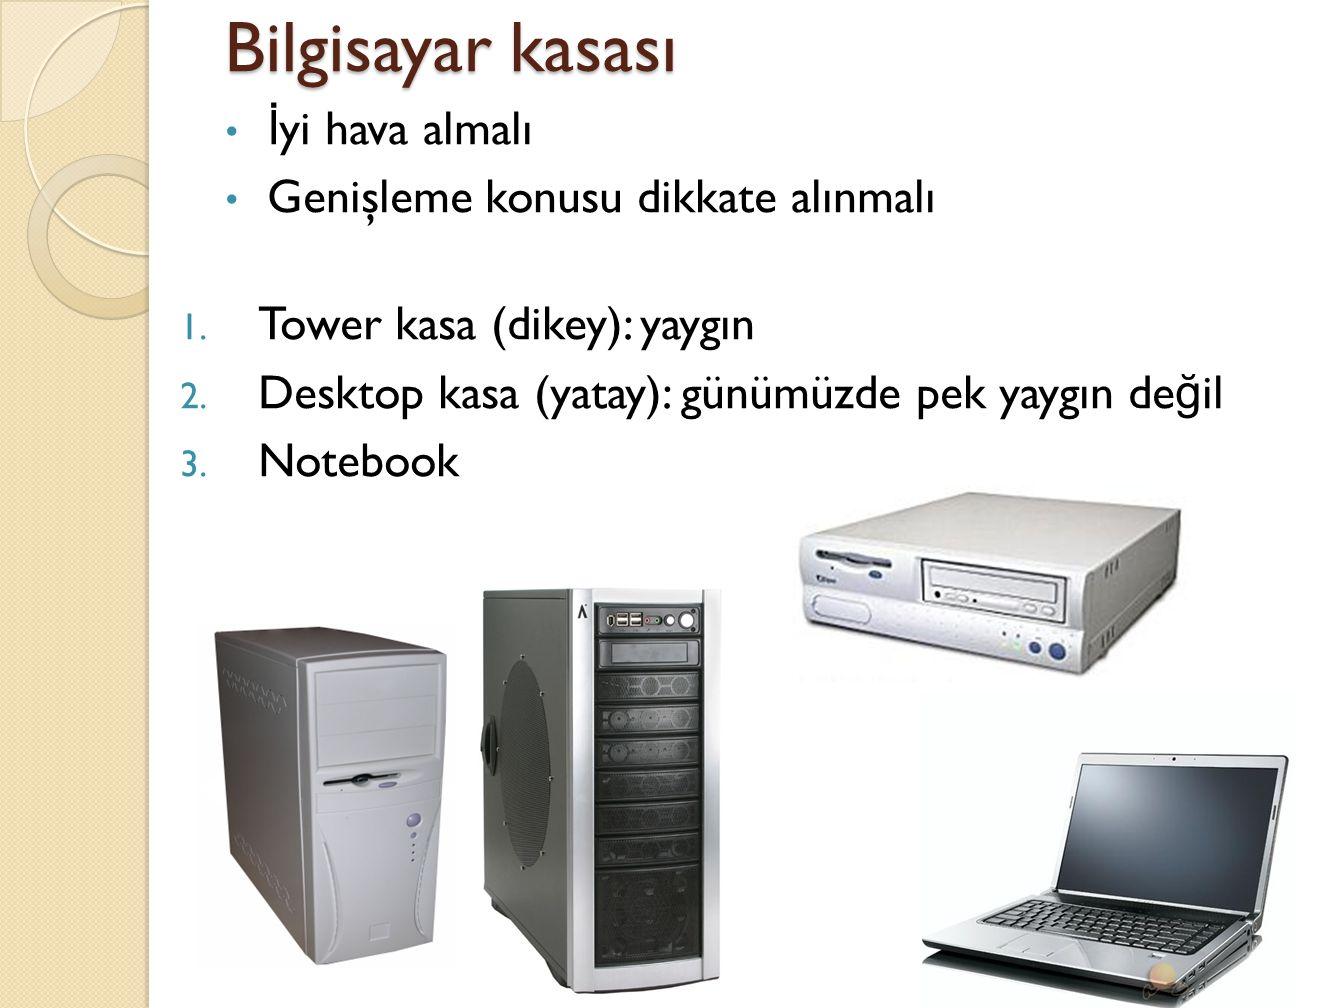 Bilgisayar kasası İyi hava almalı Genişleme konusu dikkate alınmalı